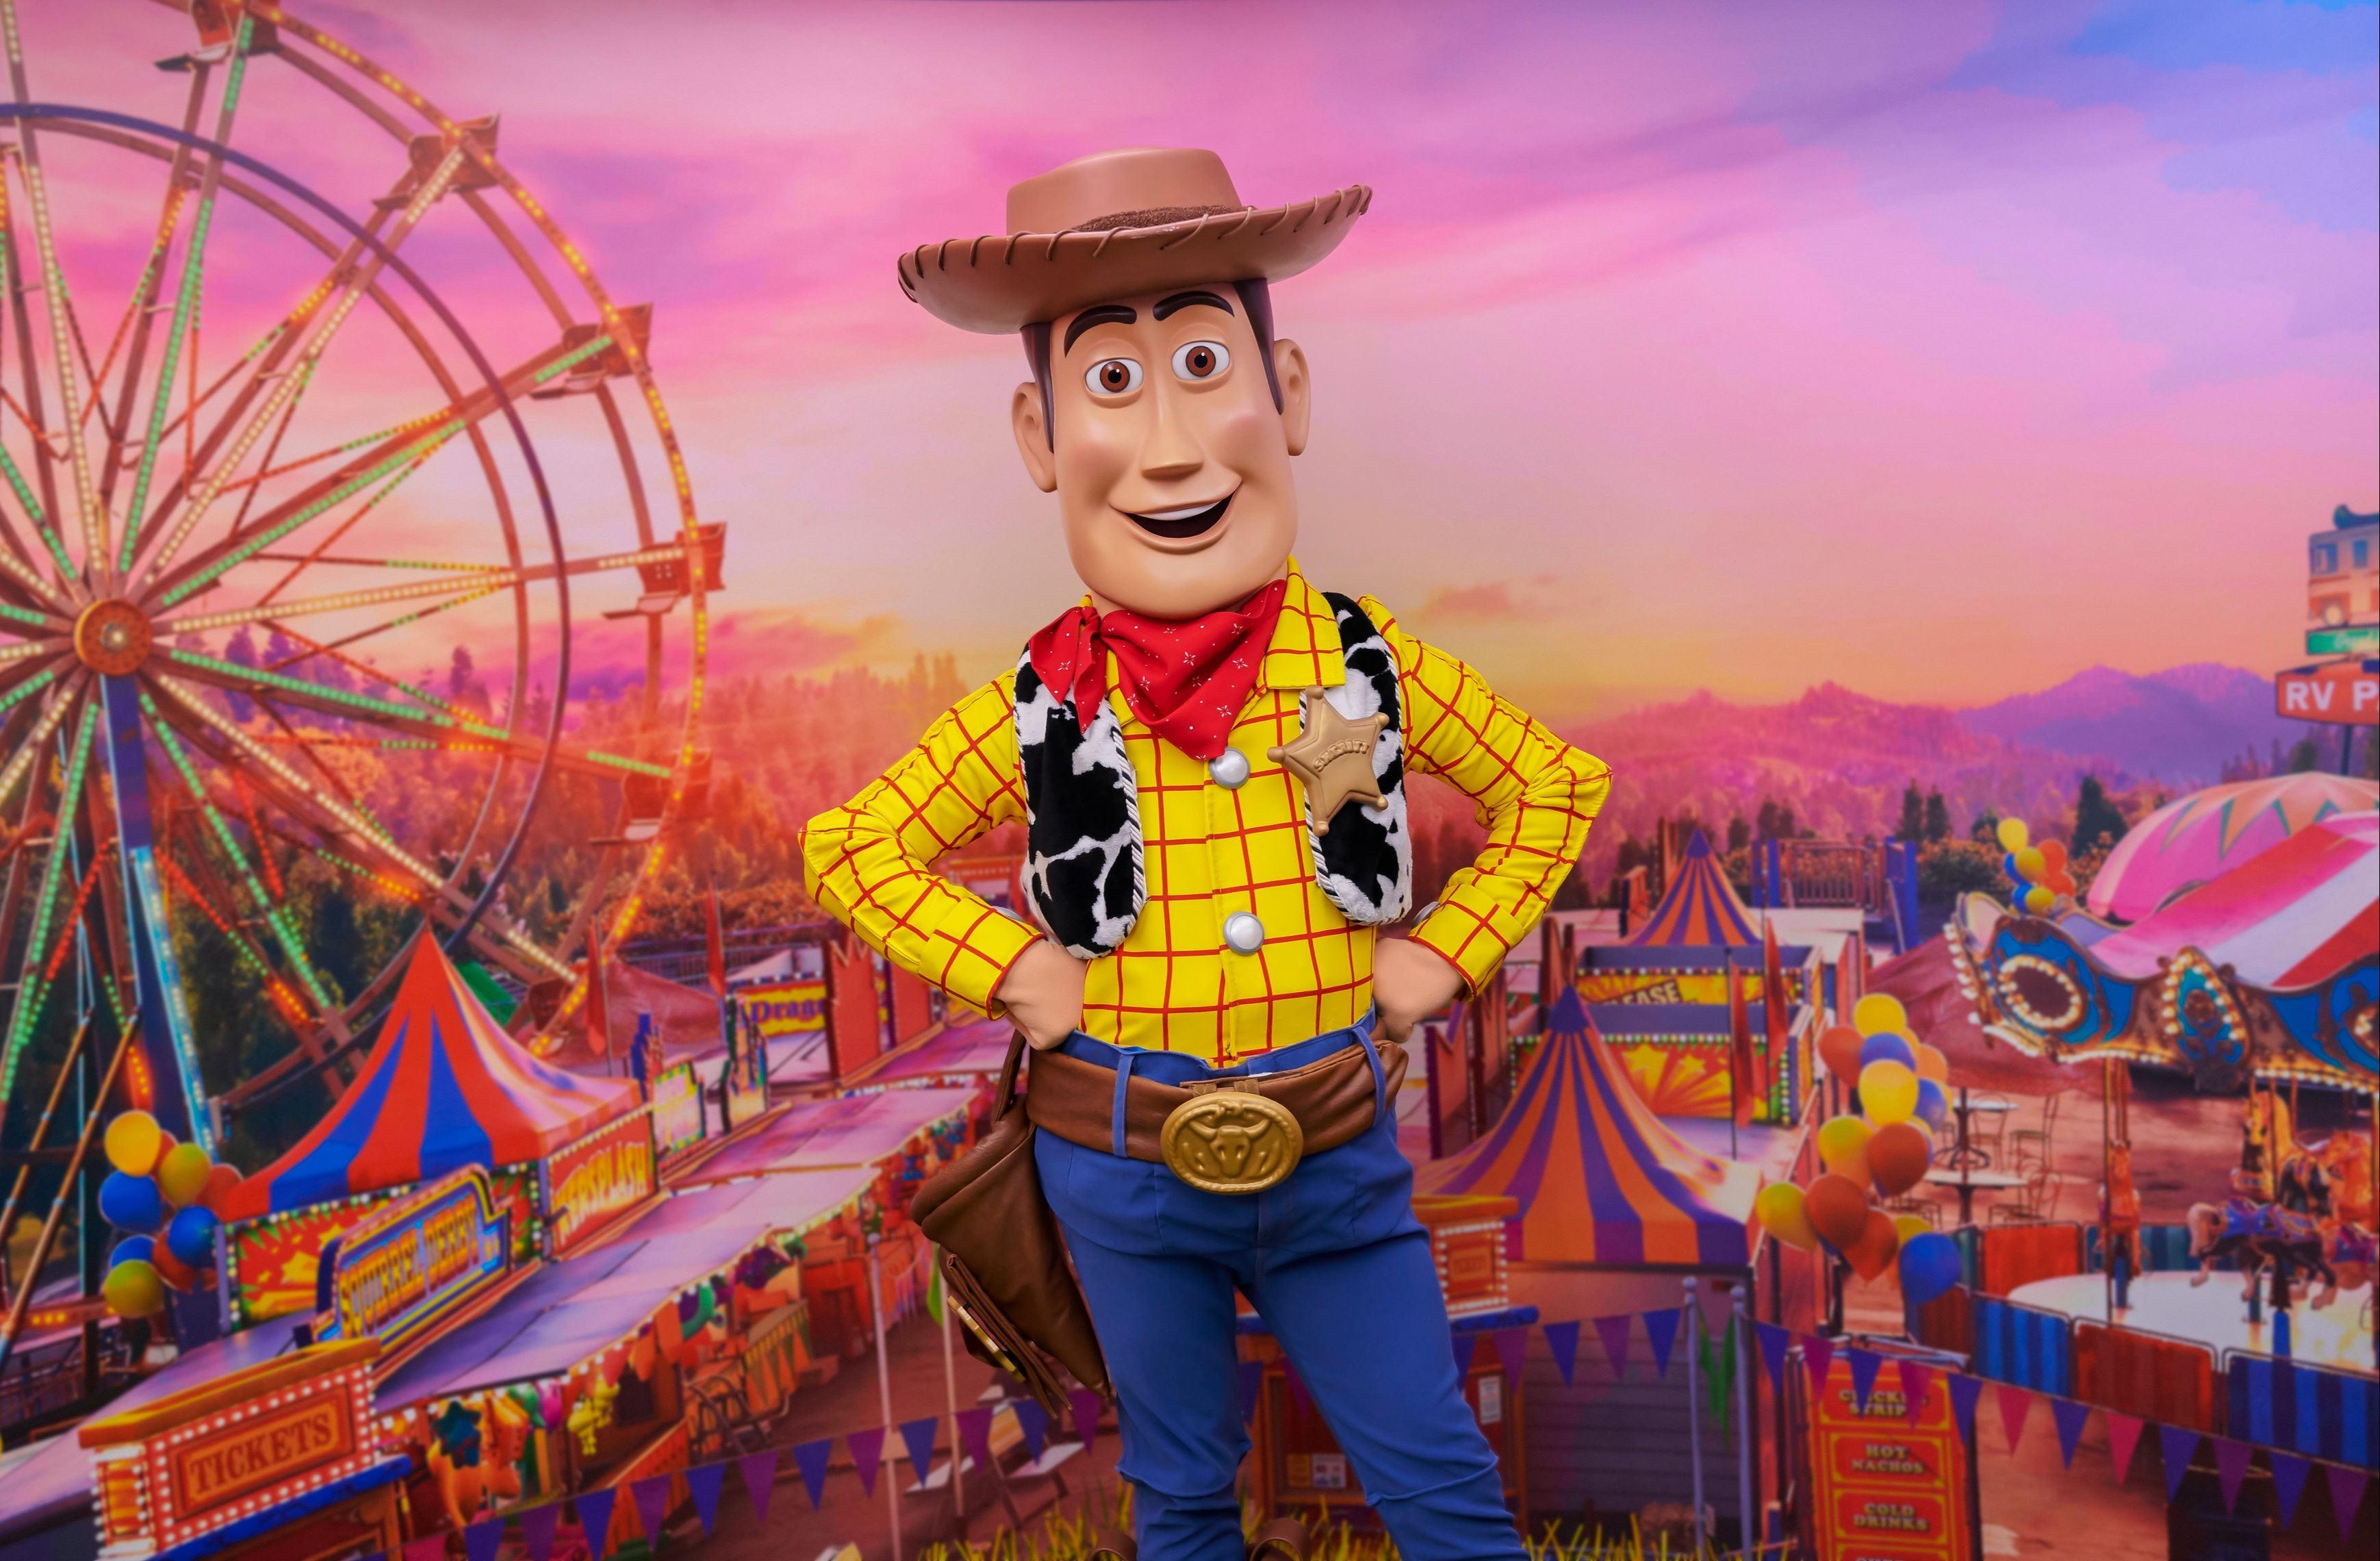 Toy Story in Disneyland Paris